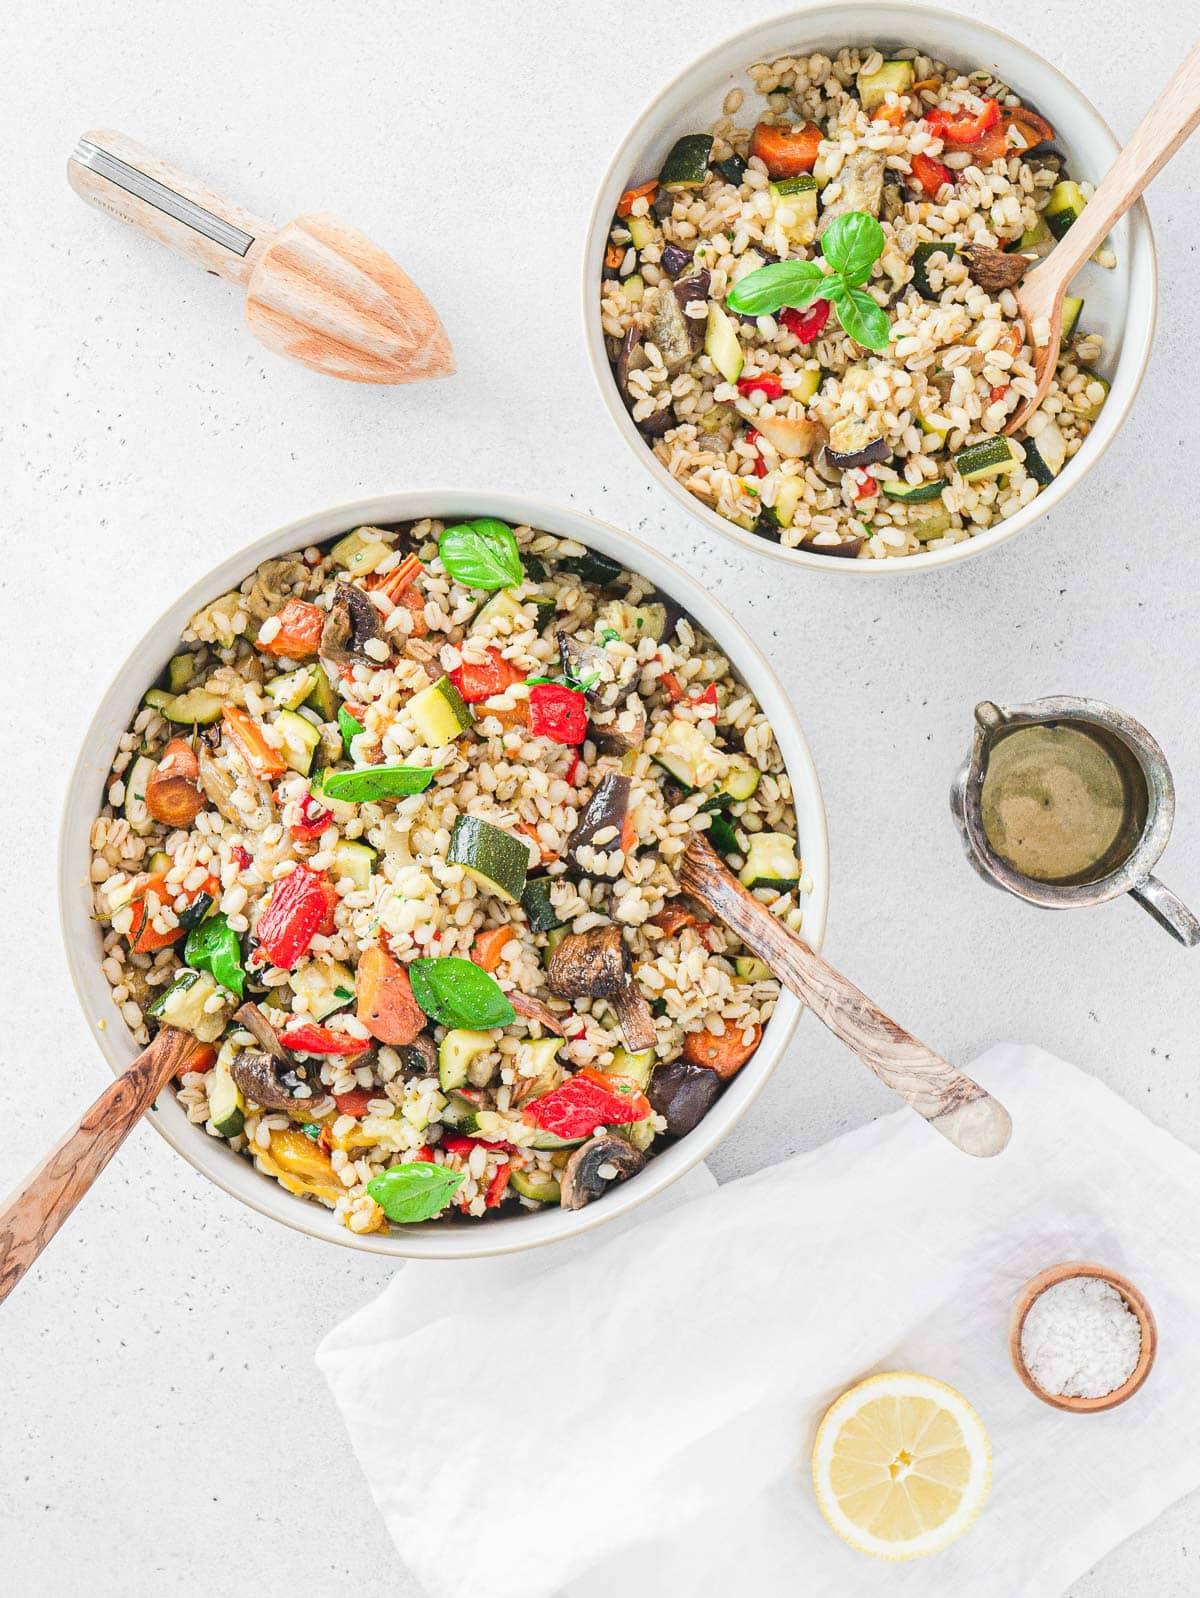 vegan barley salad in a bowl